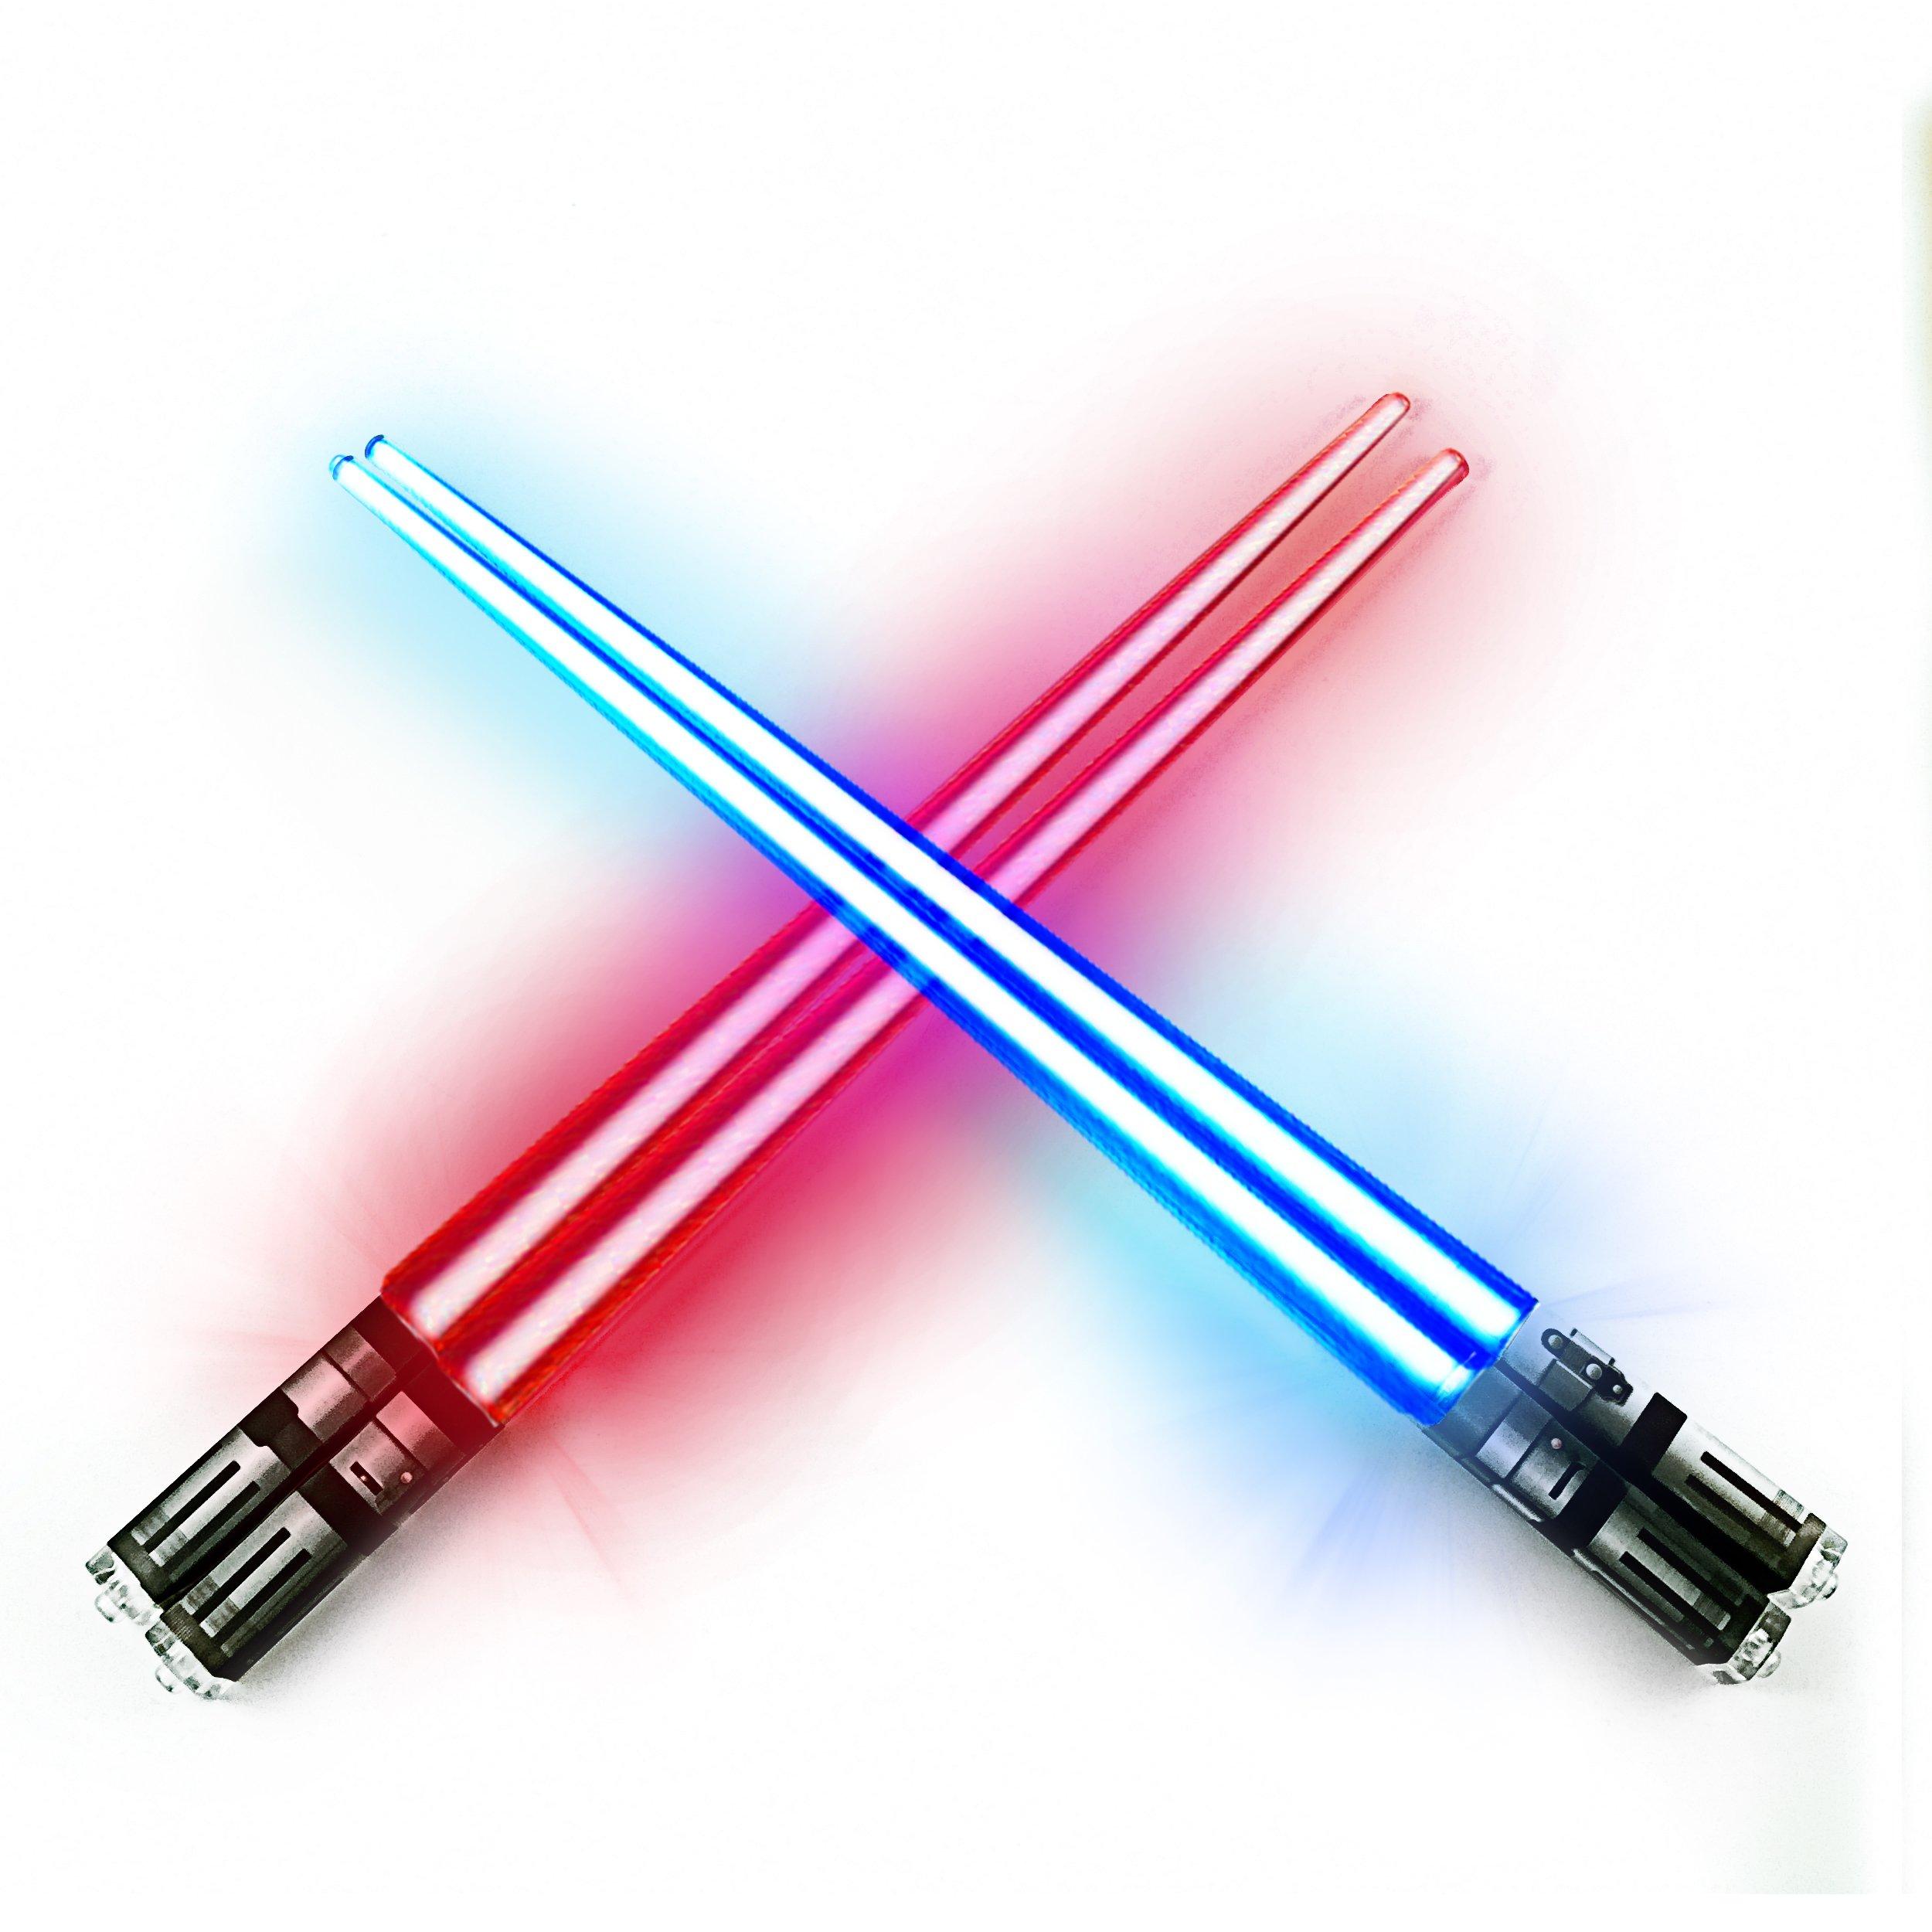 Chop Sabers Light Up LightSaber Chopsticks Set, 2 Pairs, Red Blue